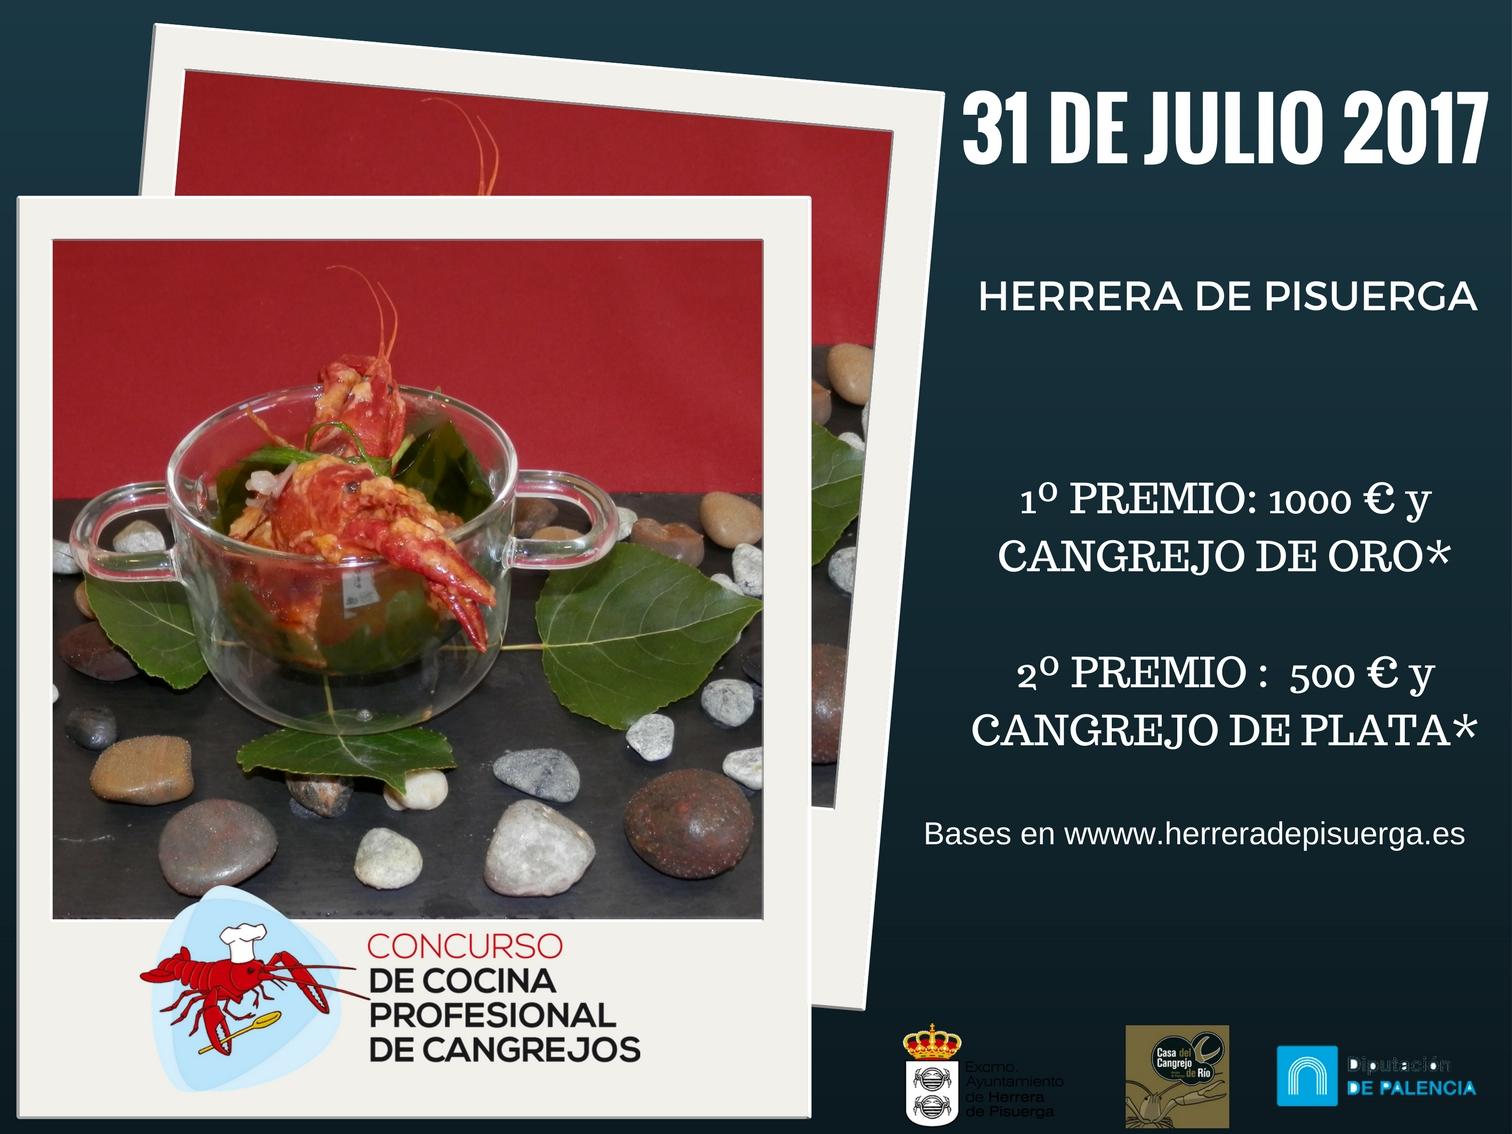 Concurso de cocina profesional de cangrejos herrera de for Material de cocina profesional